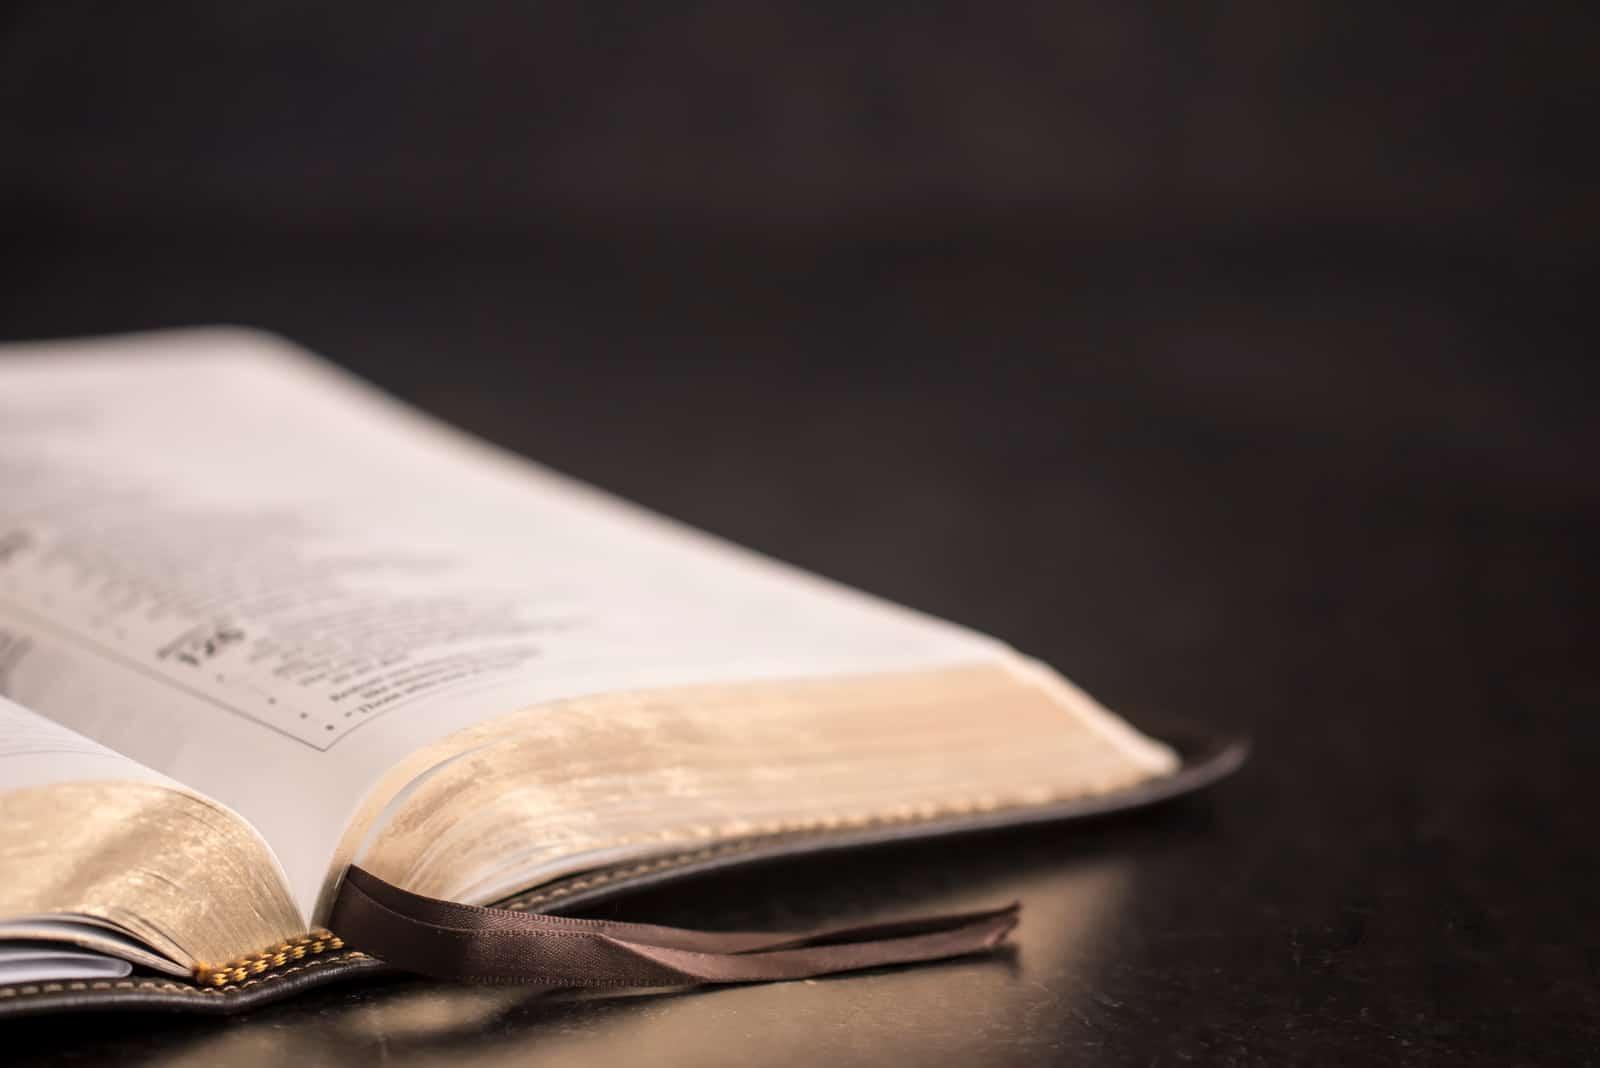 Öffne die Bibel